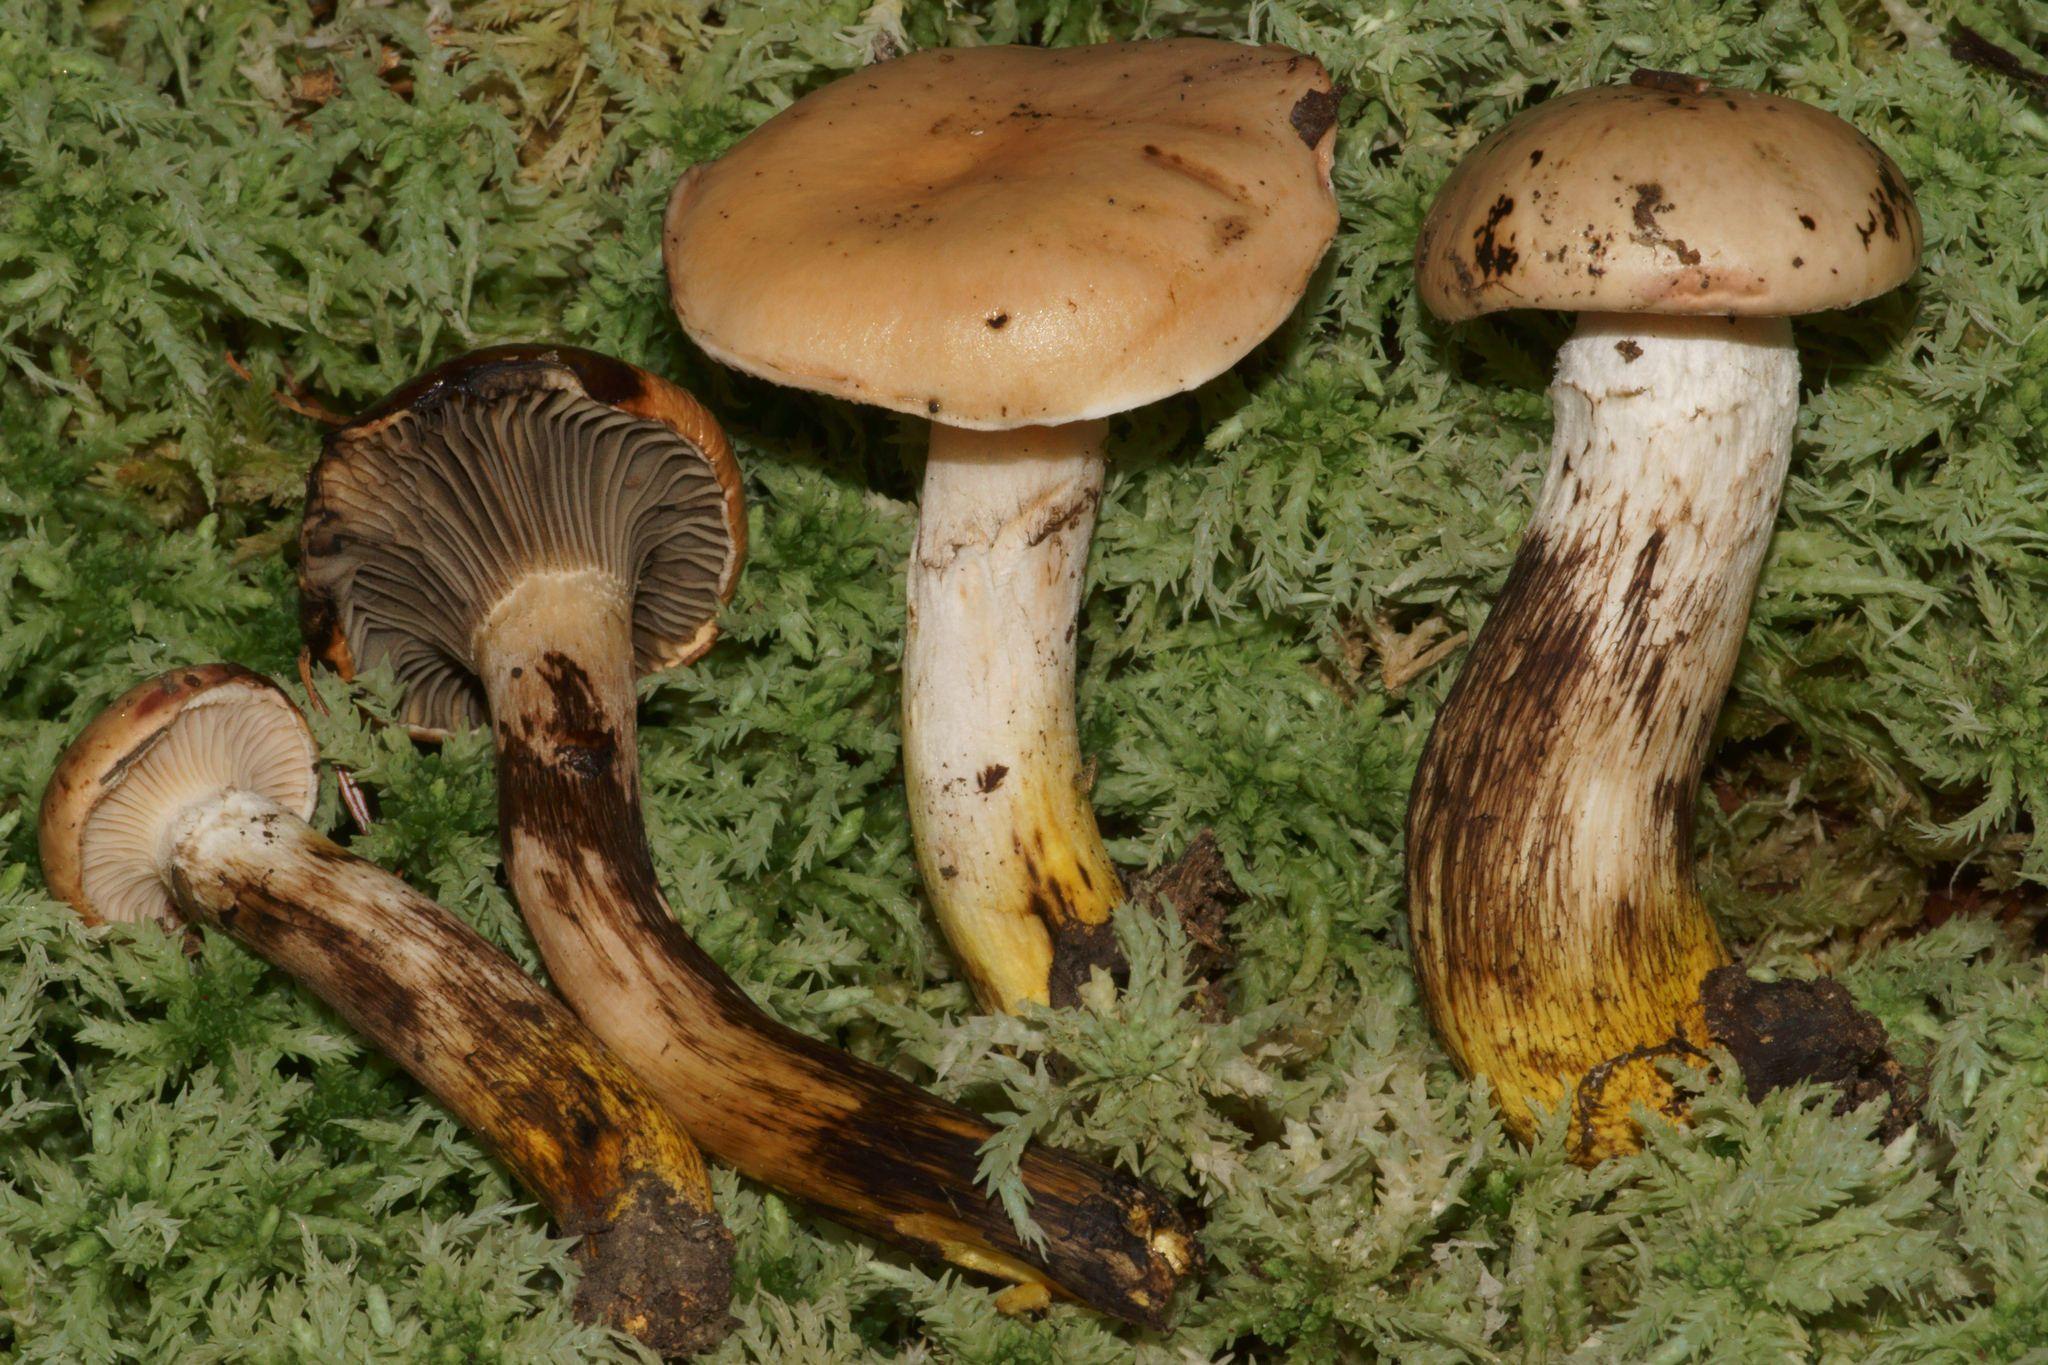 Как приготовить на зиму гриб мокруха пурпурная. гриб мокруха: описание видов, места сбора и варианты приготовления. фото и картинки с описанием мокрухи пурпуровой